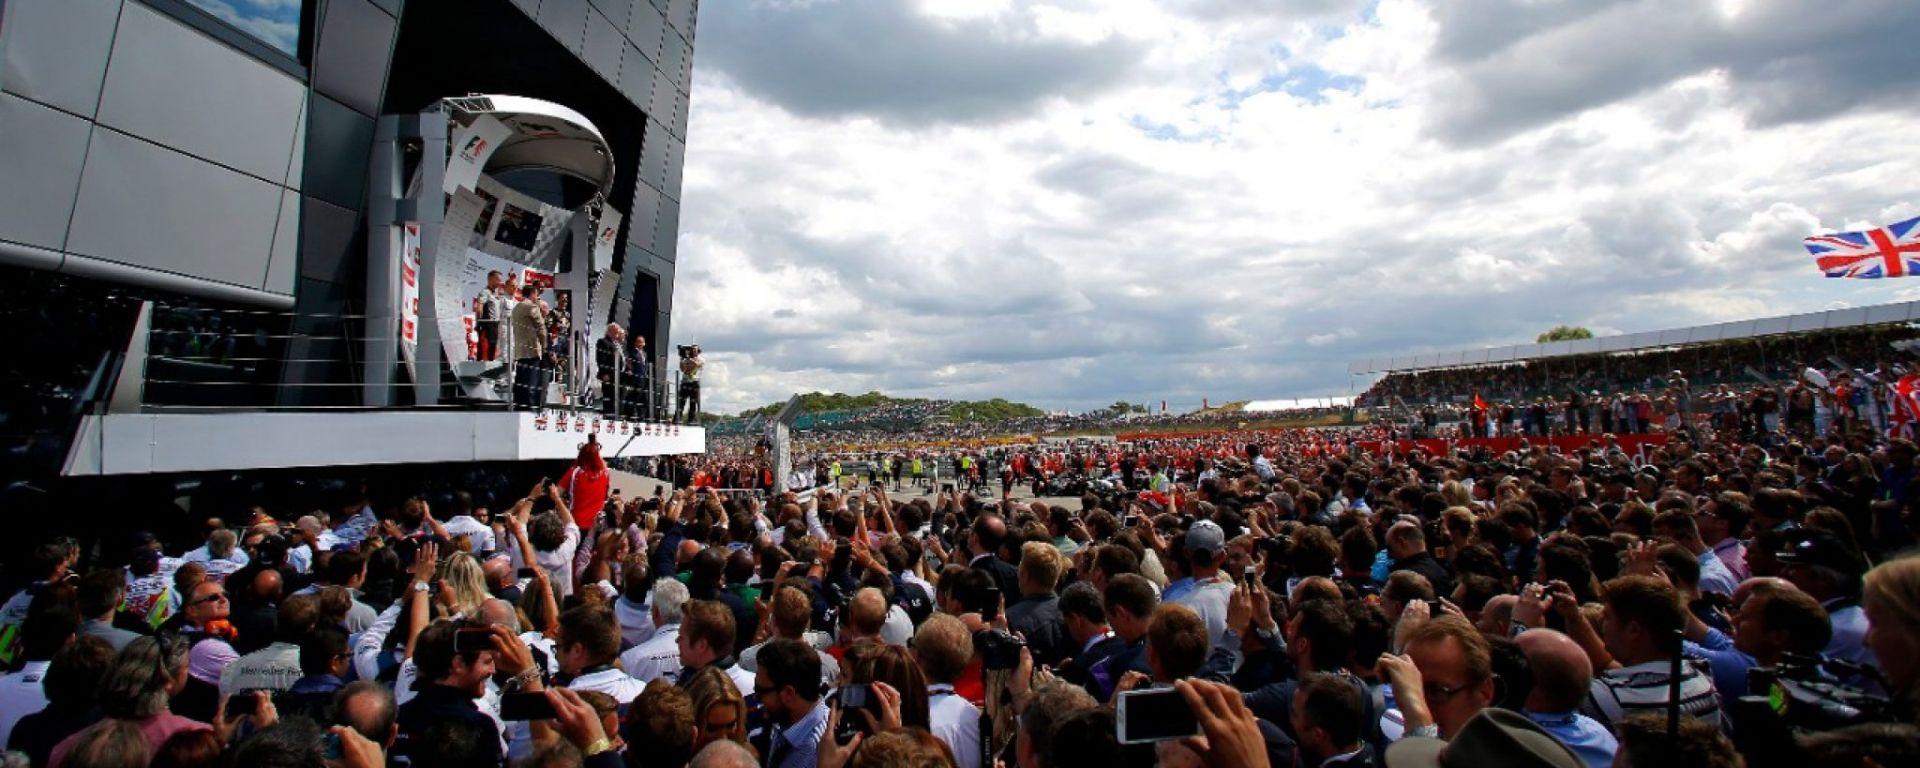 F1 2016 - Gran Premio d'Inghilterra - Info e Risultati